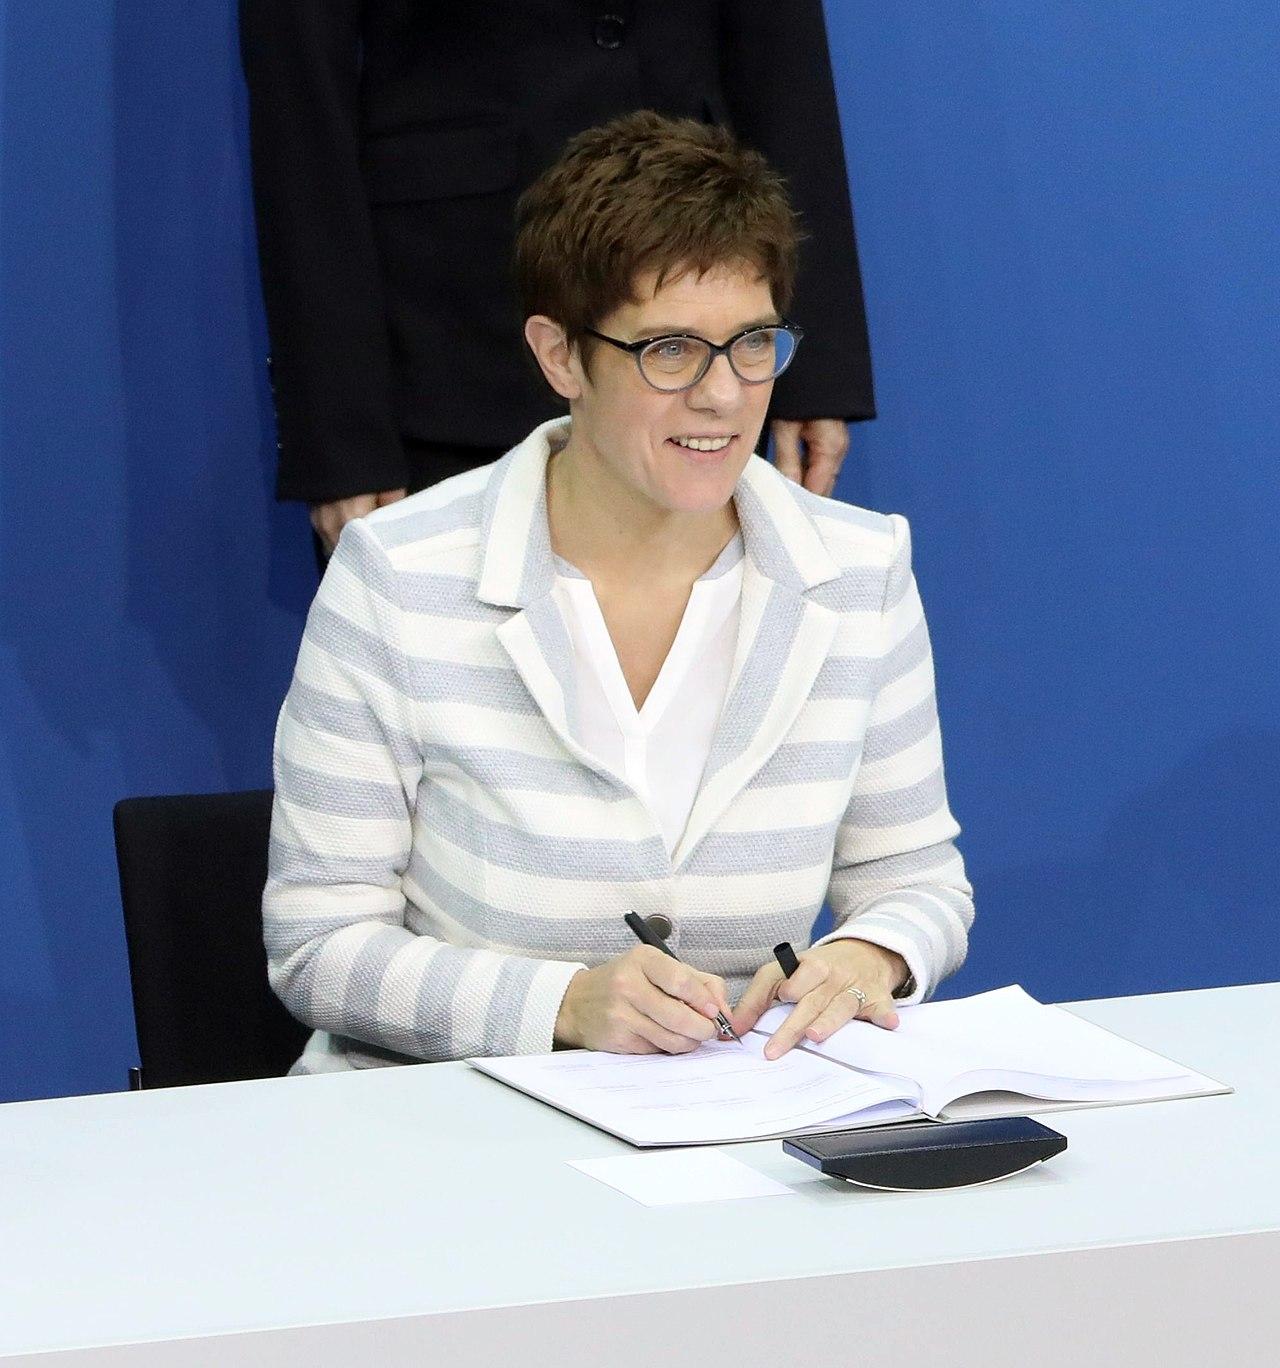 Annegret Kramp-Karrenbauer. Nowa szefowa CDU a potem kanclerz? fot. Wikimedia Commons